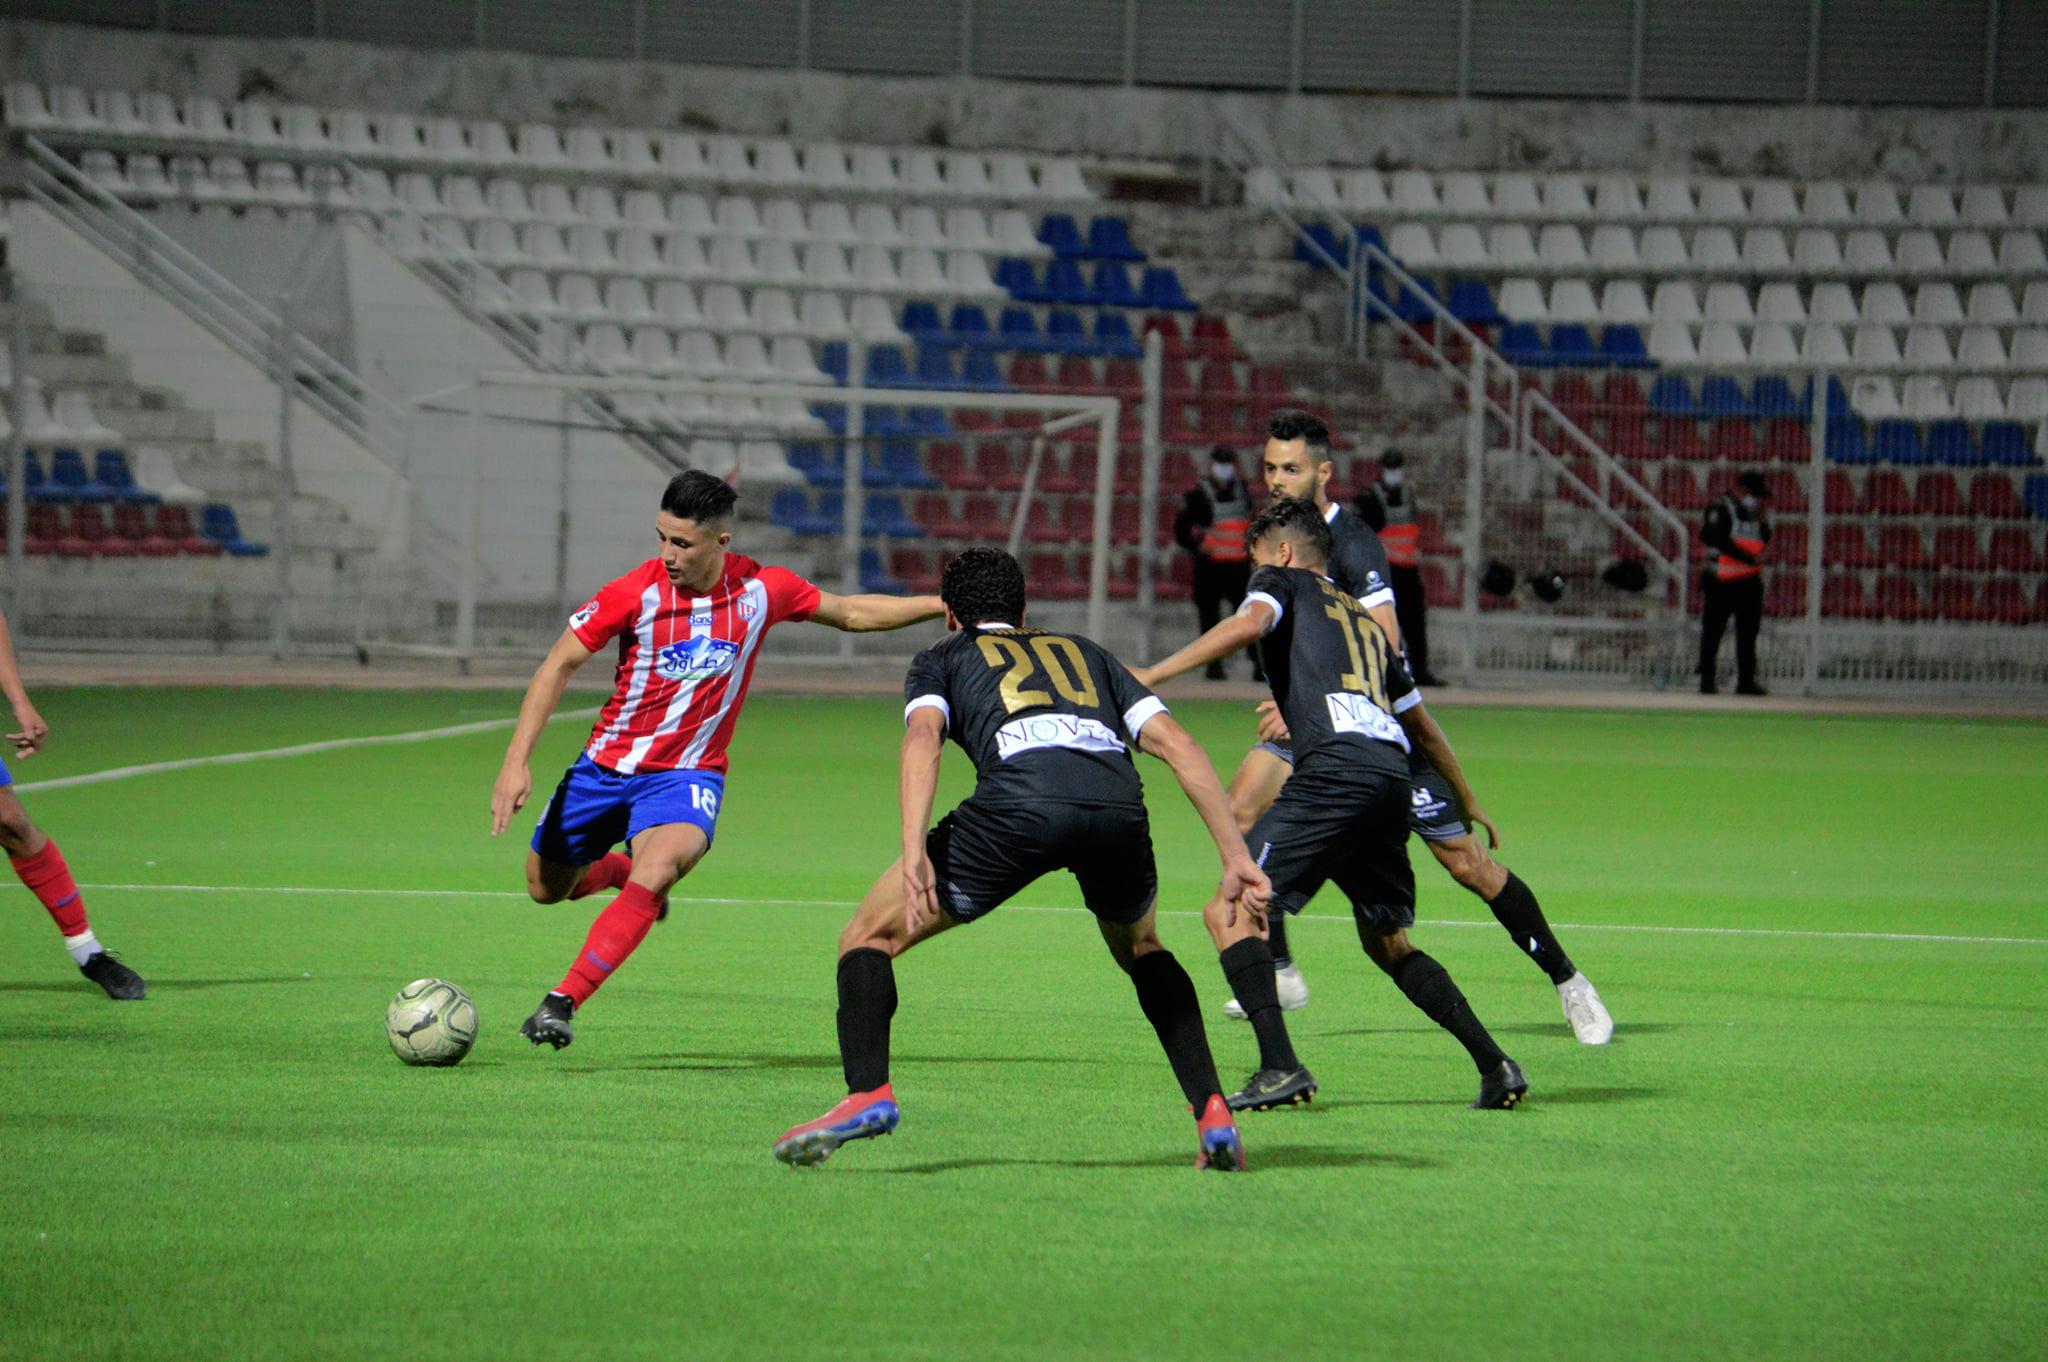 فريق المغرب التطواني يضمن مقعده بالقسم الوطني الأول بعد فوزه على فريق الفتح الرباطي